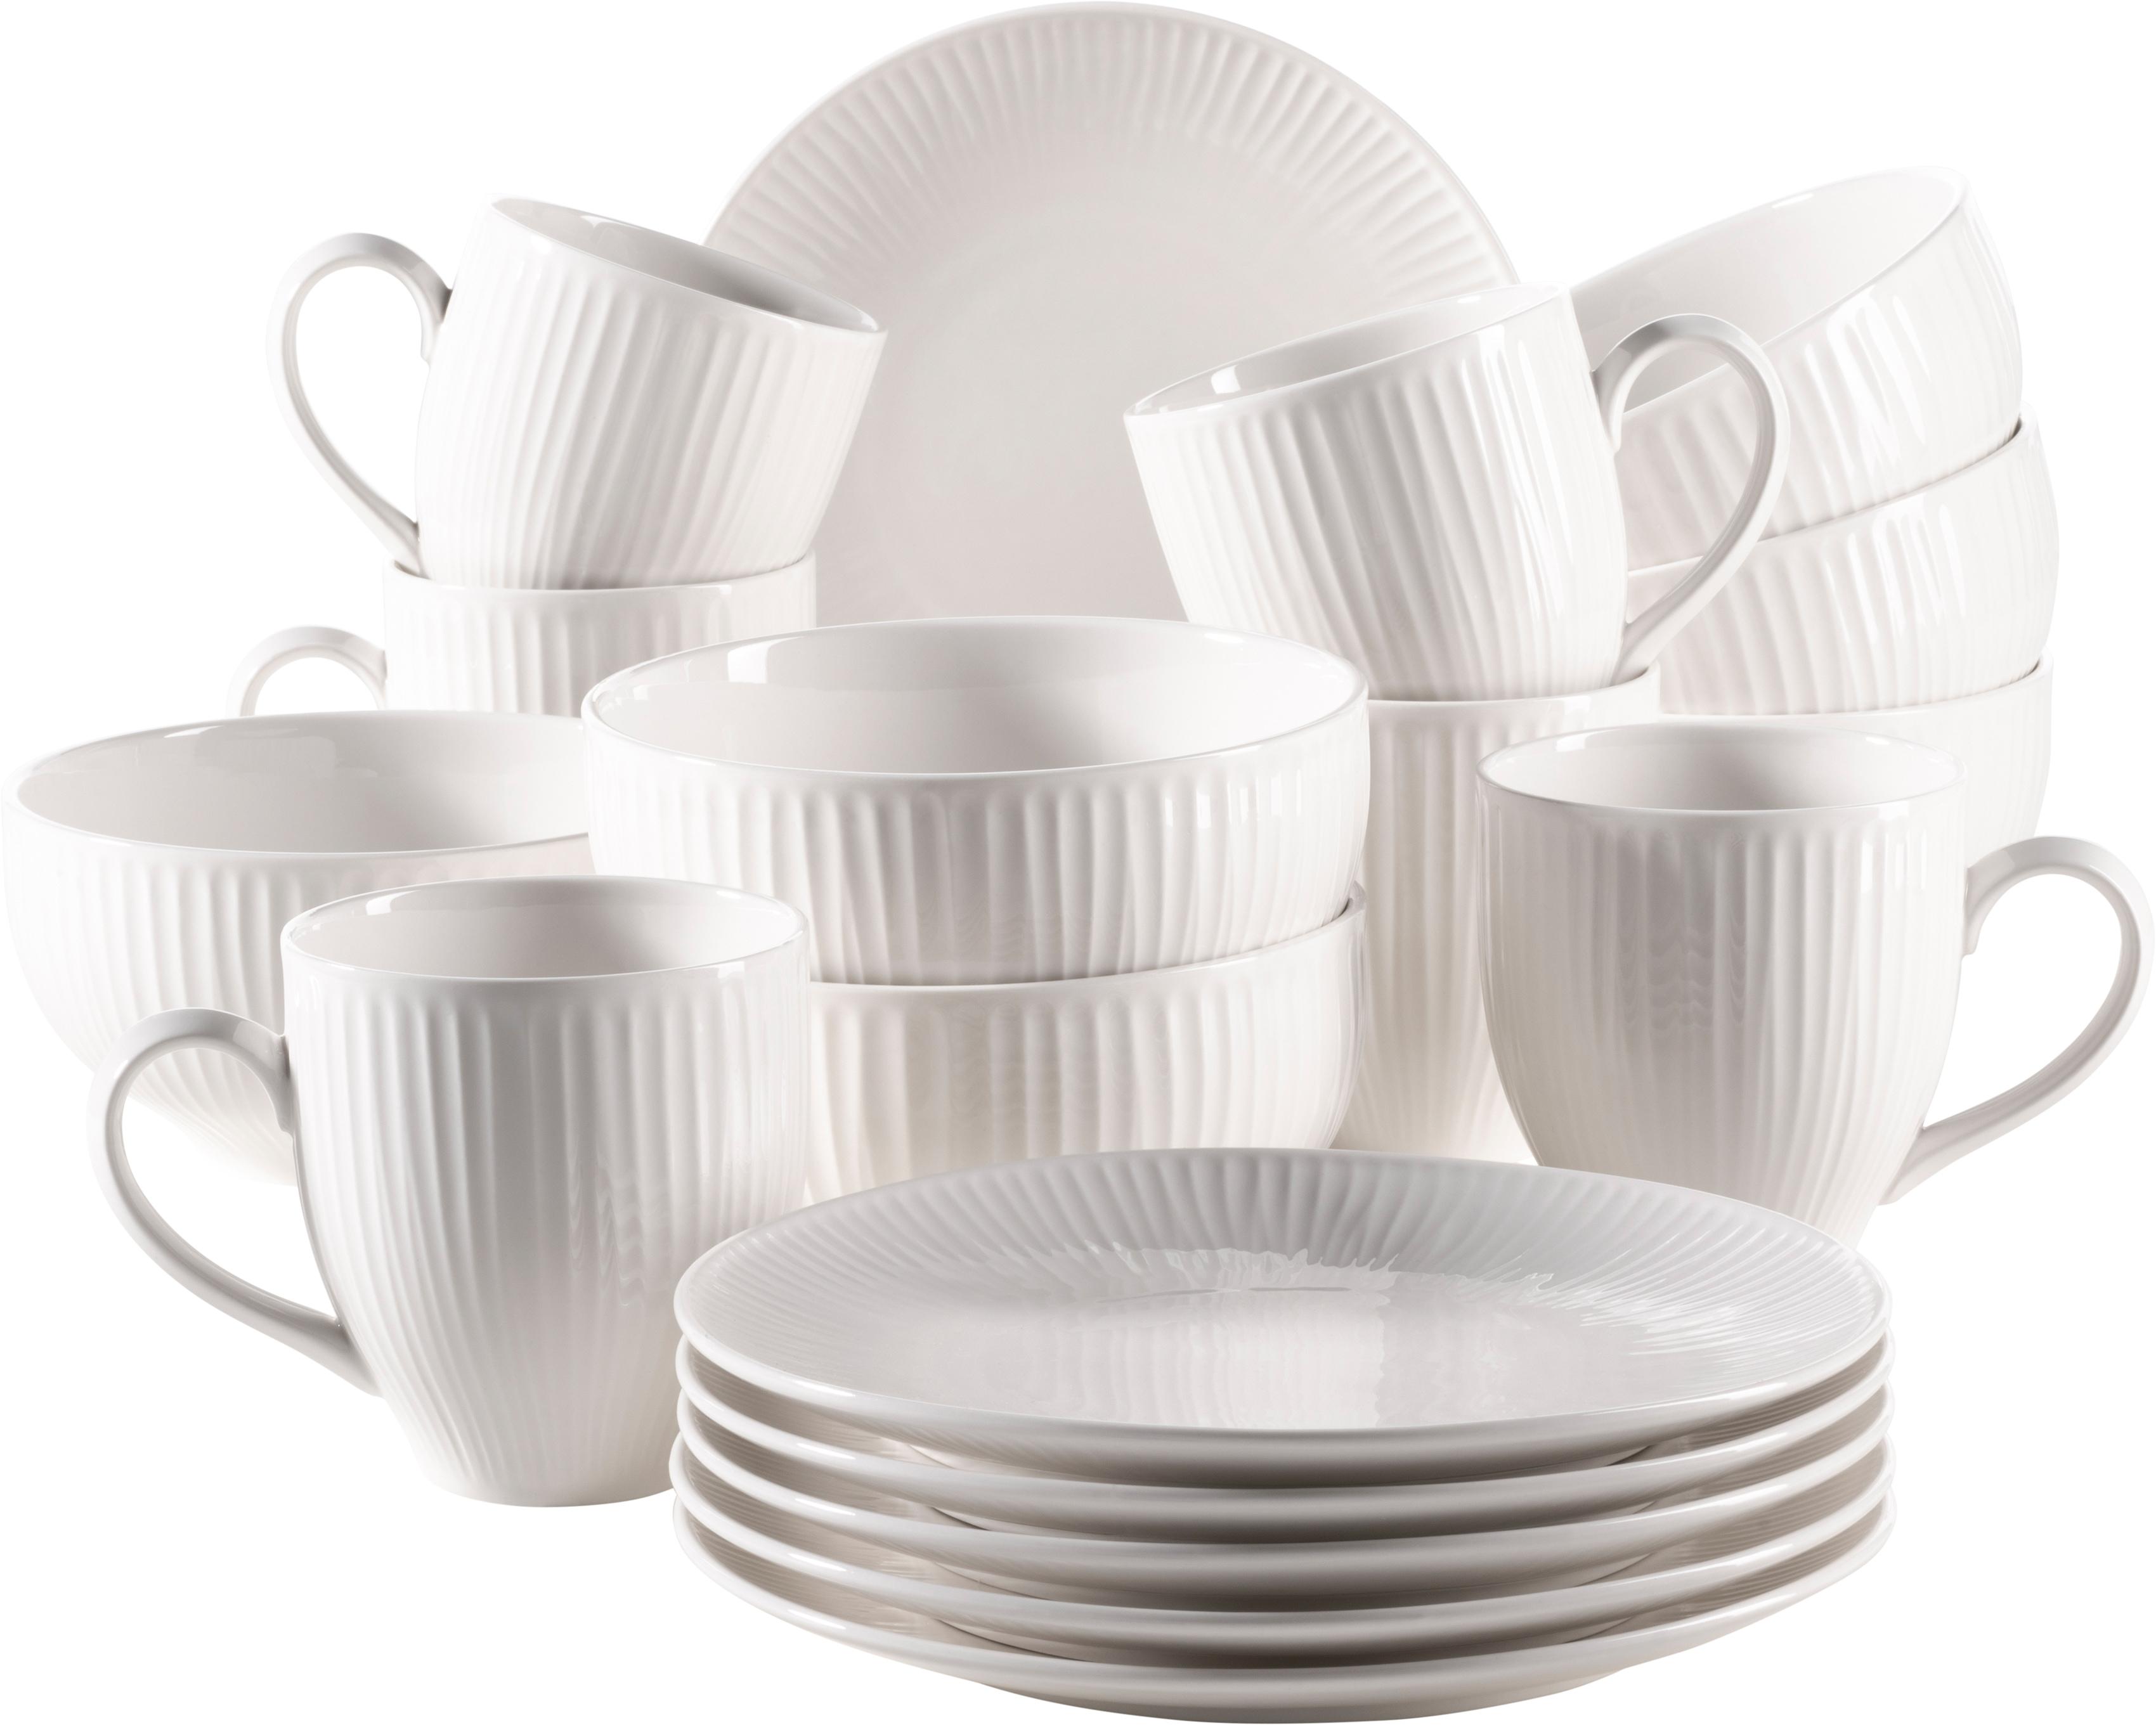 MÄSER Frühstücks-Geschirrset Dalia, (Set, 18 tlg.), Vintage Look weiß Geschirr-Sets Geschirr, Porzellan Tischaccessoires Haushaltswaren